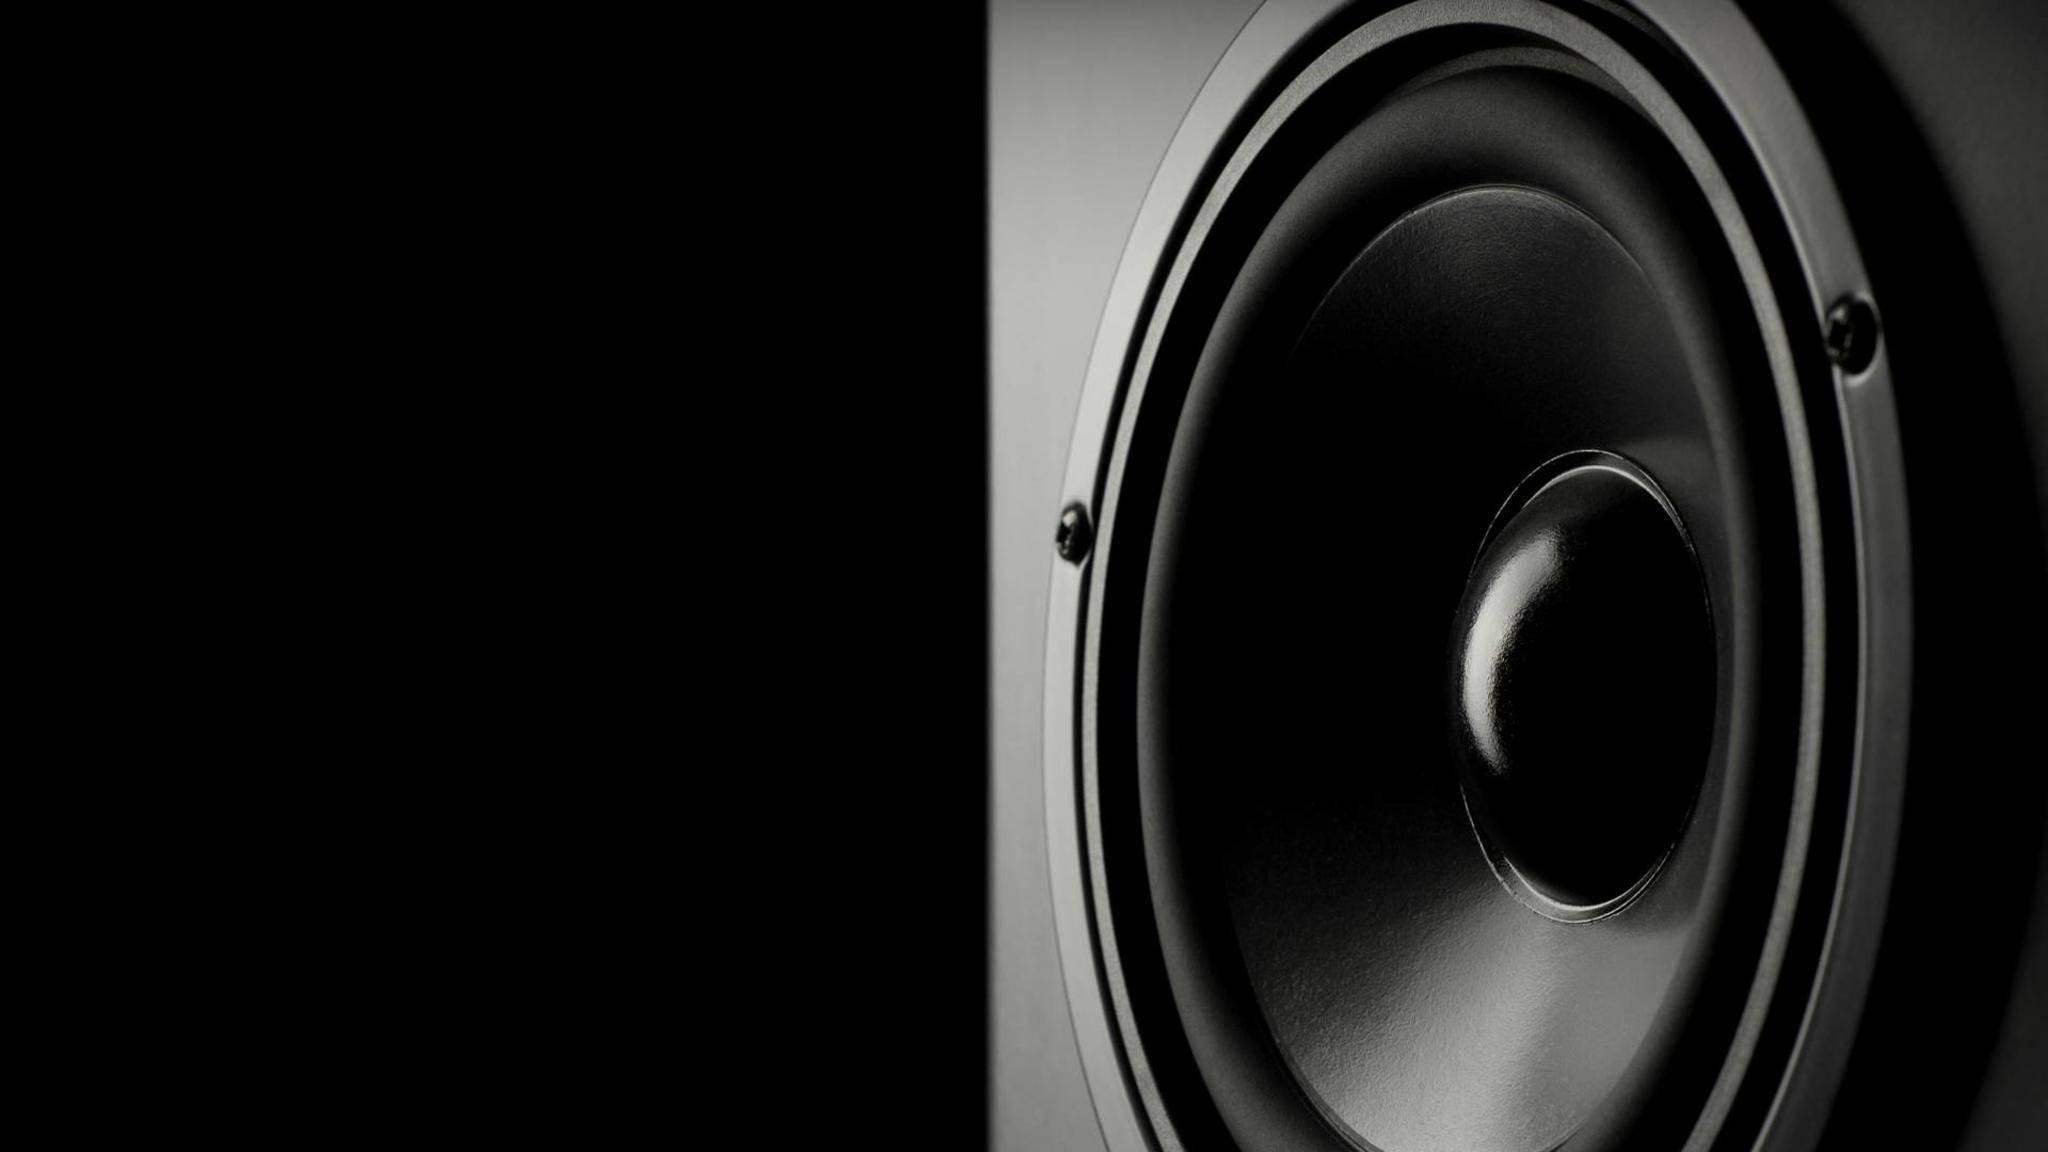 Ein Subwoofer ist ein echter Zugewinn für Stereo- und Surroundanlagen.